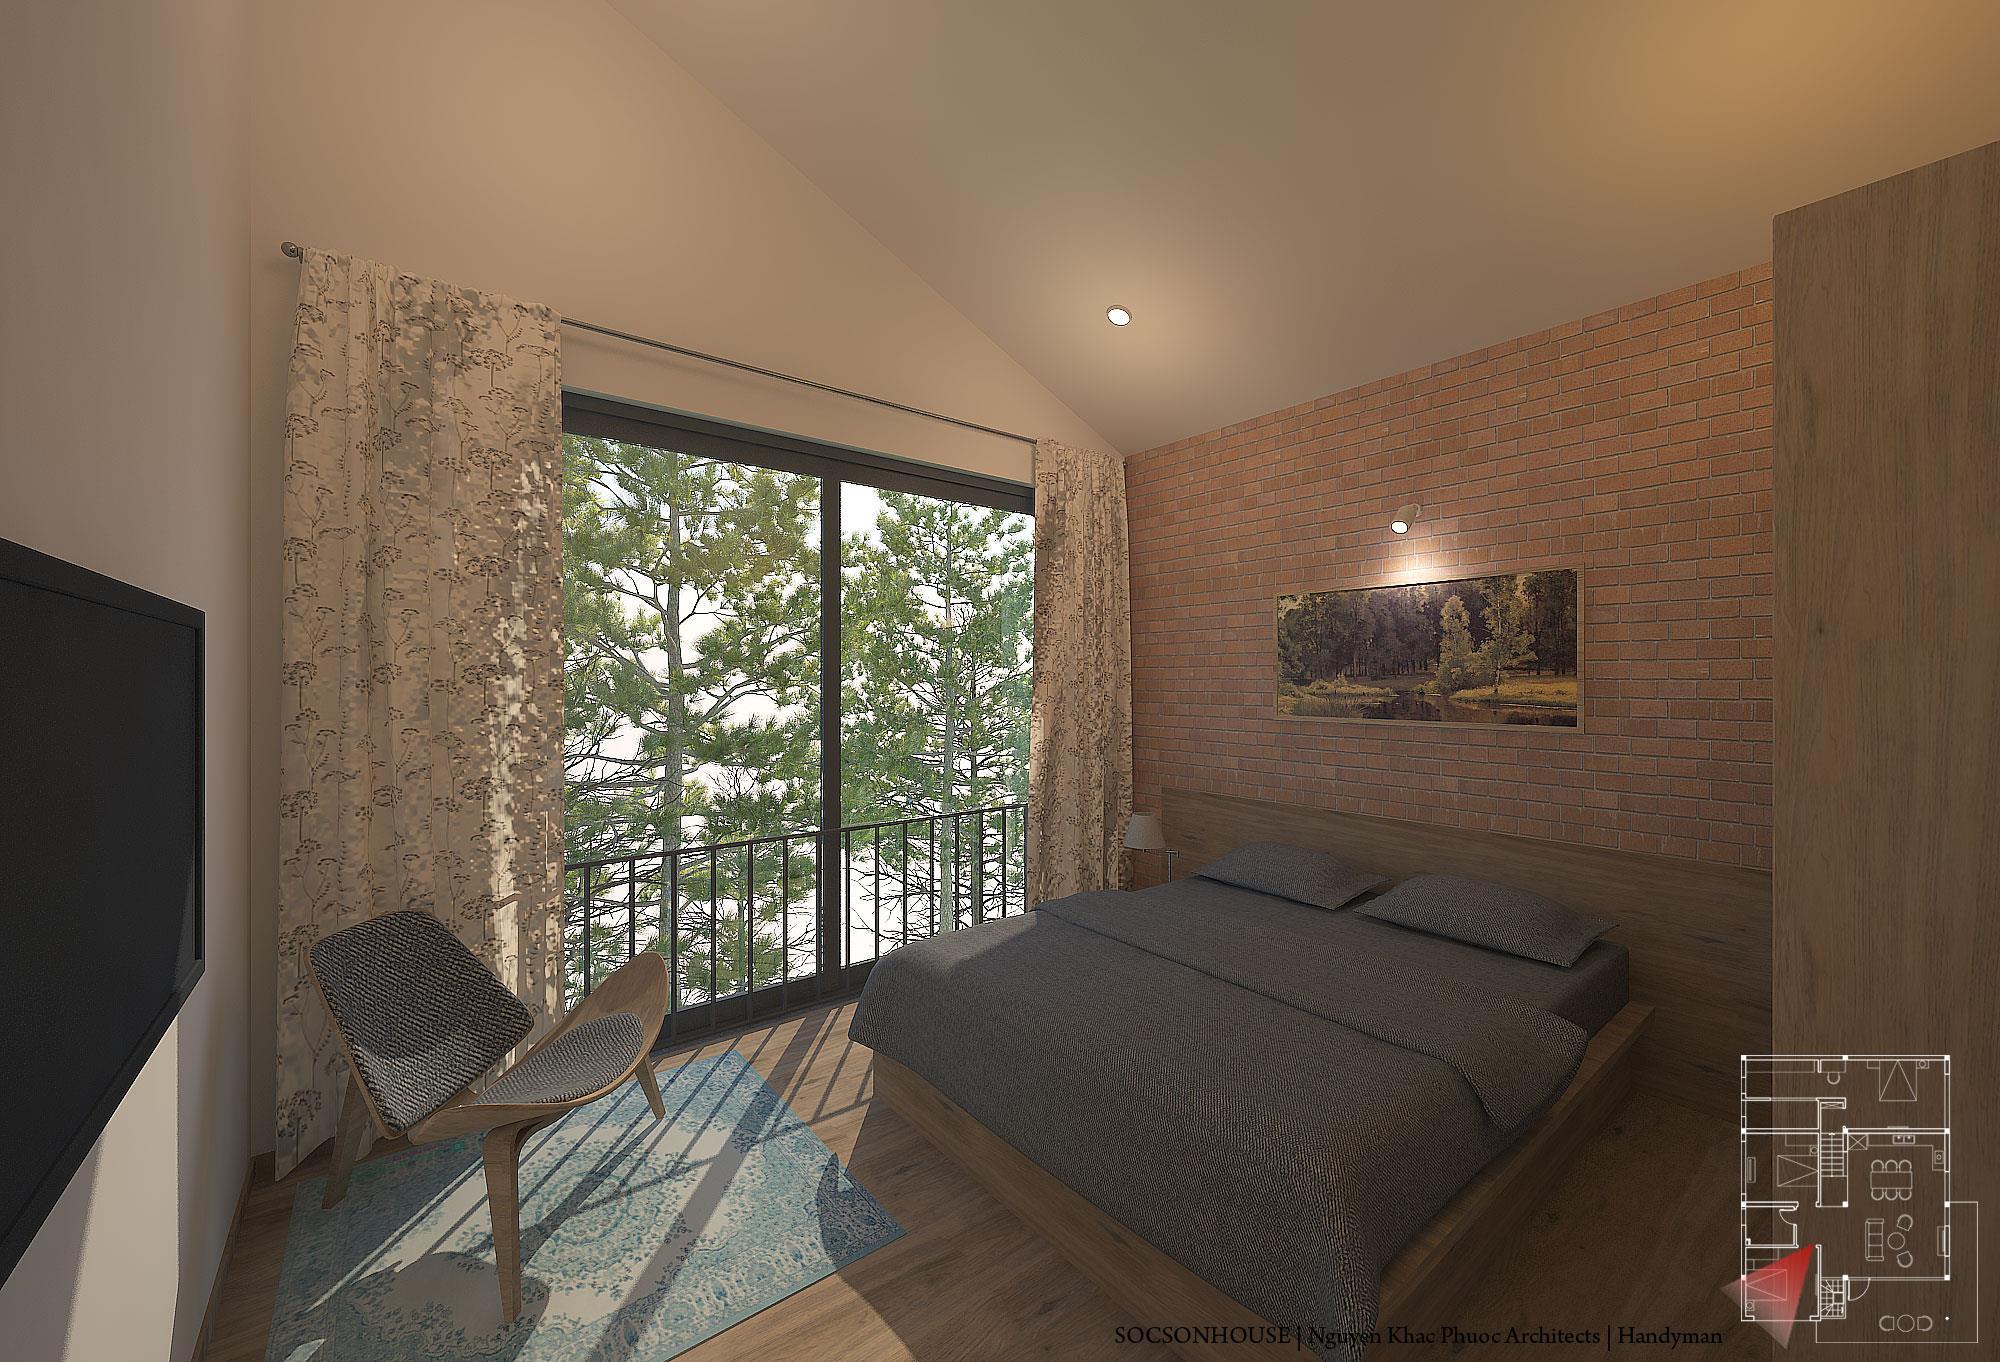 Thiết kế biệt thự đẹp mái chồng mái nằm lưng chừng núi ở Sóc Sơn - Nhà Đẹp Số (4)